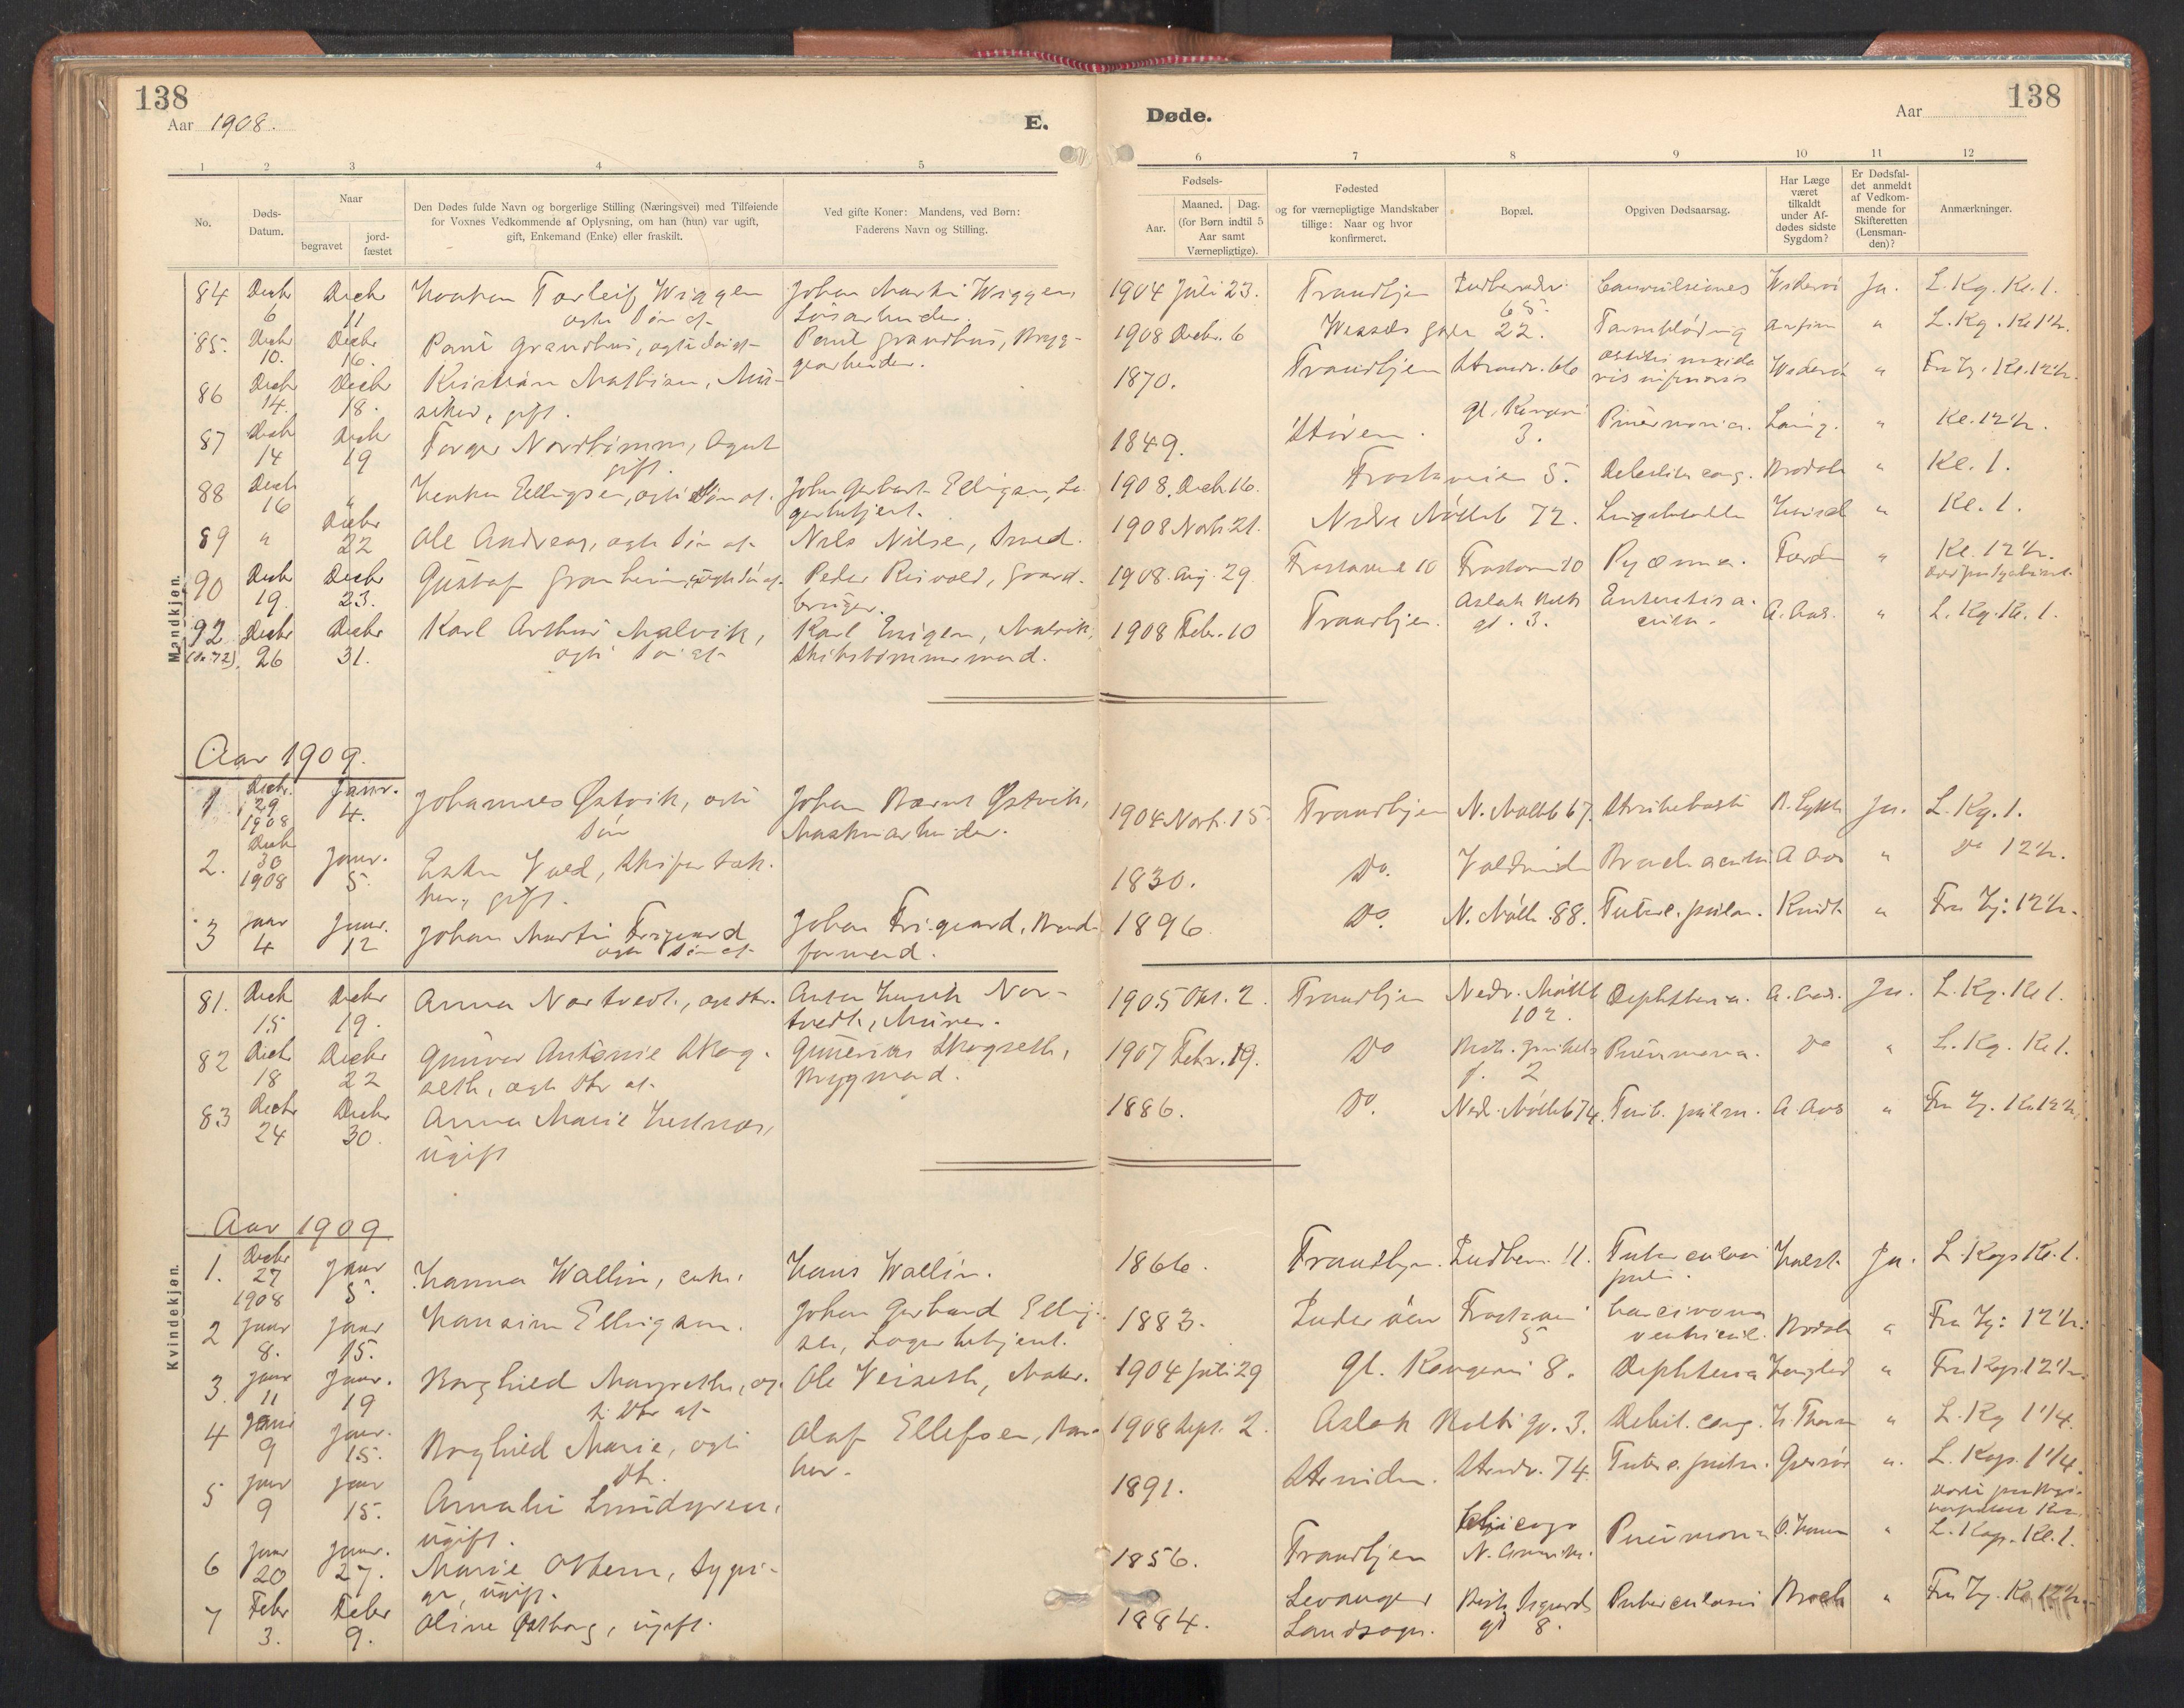 SAT, Ministerialprotokoller, klokkerbøker og fødselsregistre - Sør-Trøndelag, 605/L0244: Ministerialbok nr. 605A06, 1908-1954, s. 138